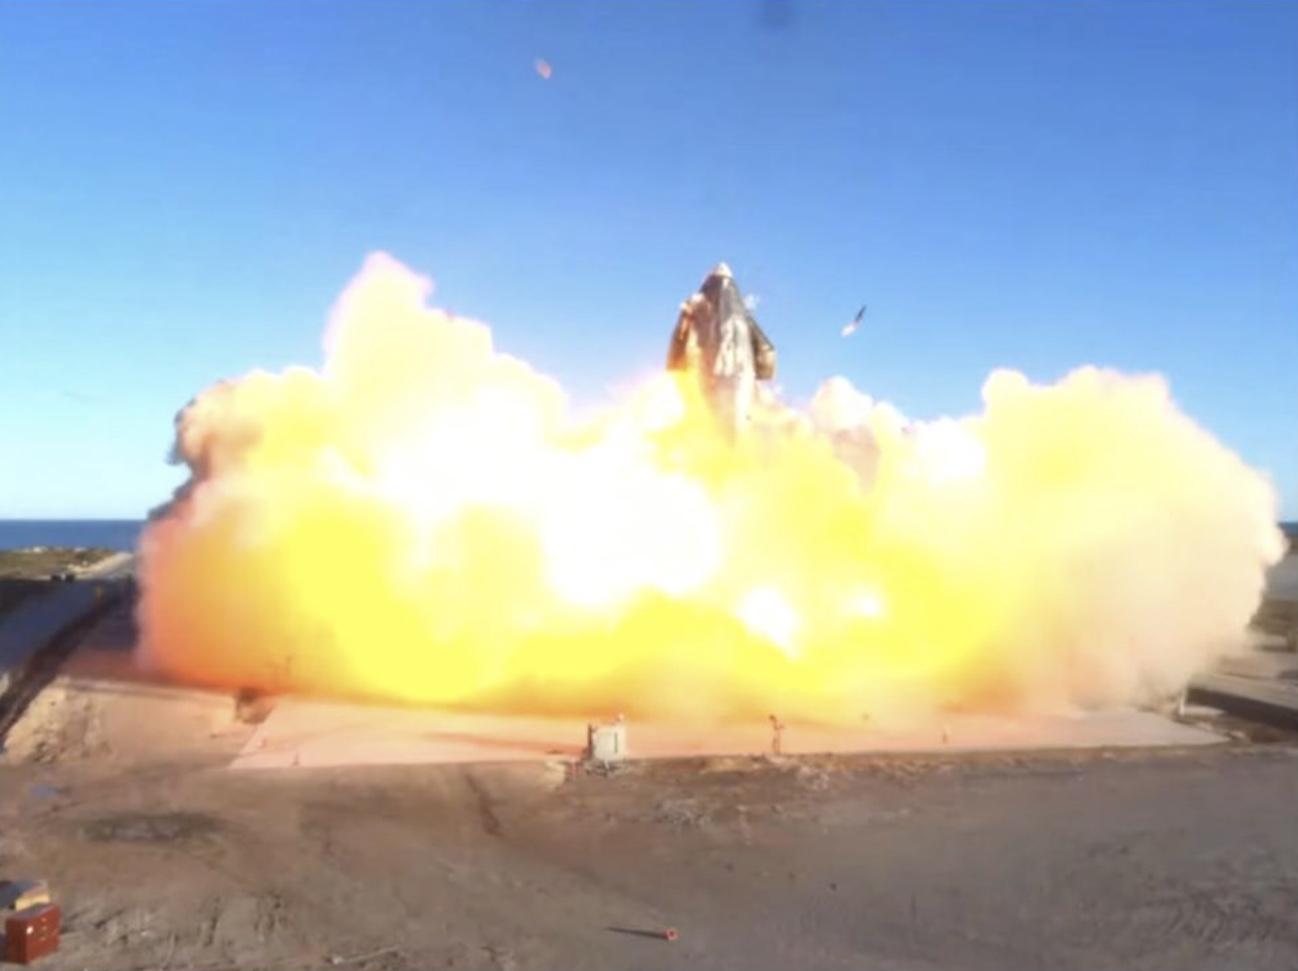 El Starship SN8 de SpaceX explotó luego de una prueba de vuelo notable